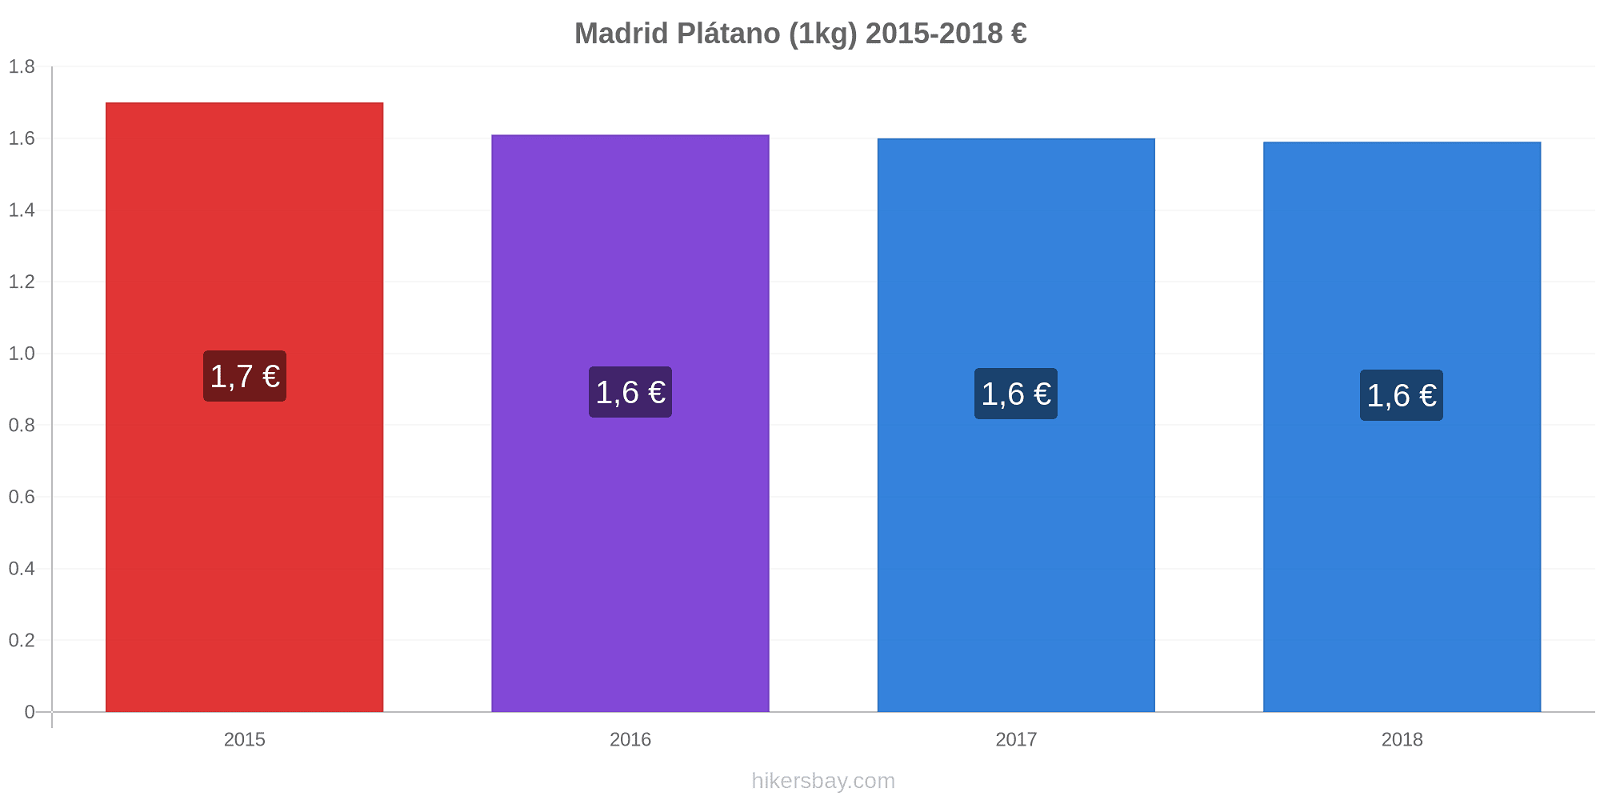 Madrid cambios de precios Plátano (1kg) hikersbay.com